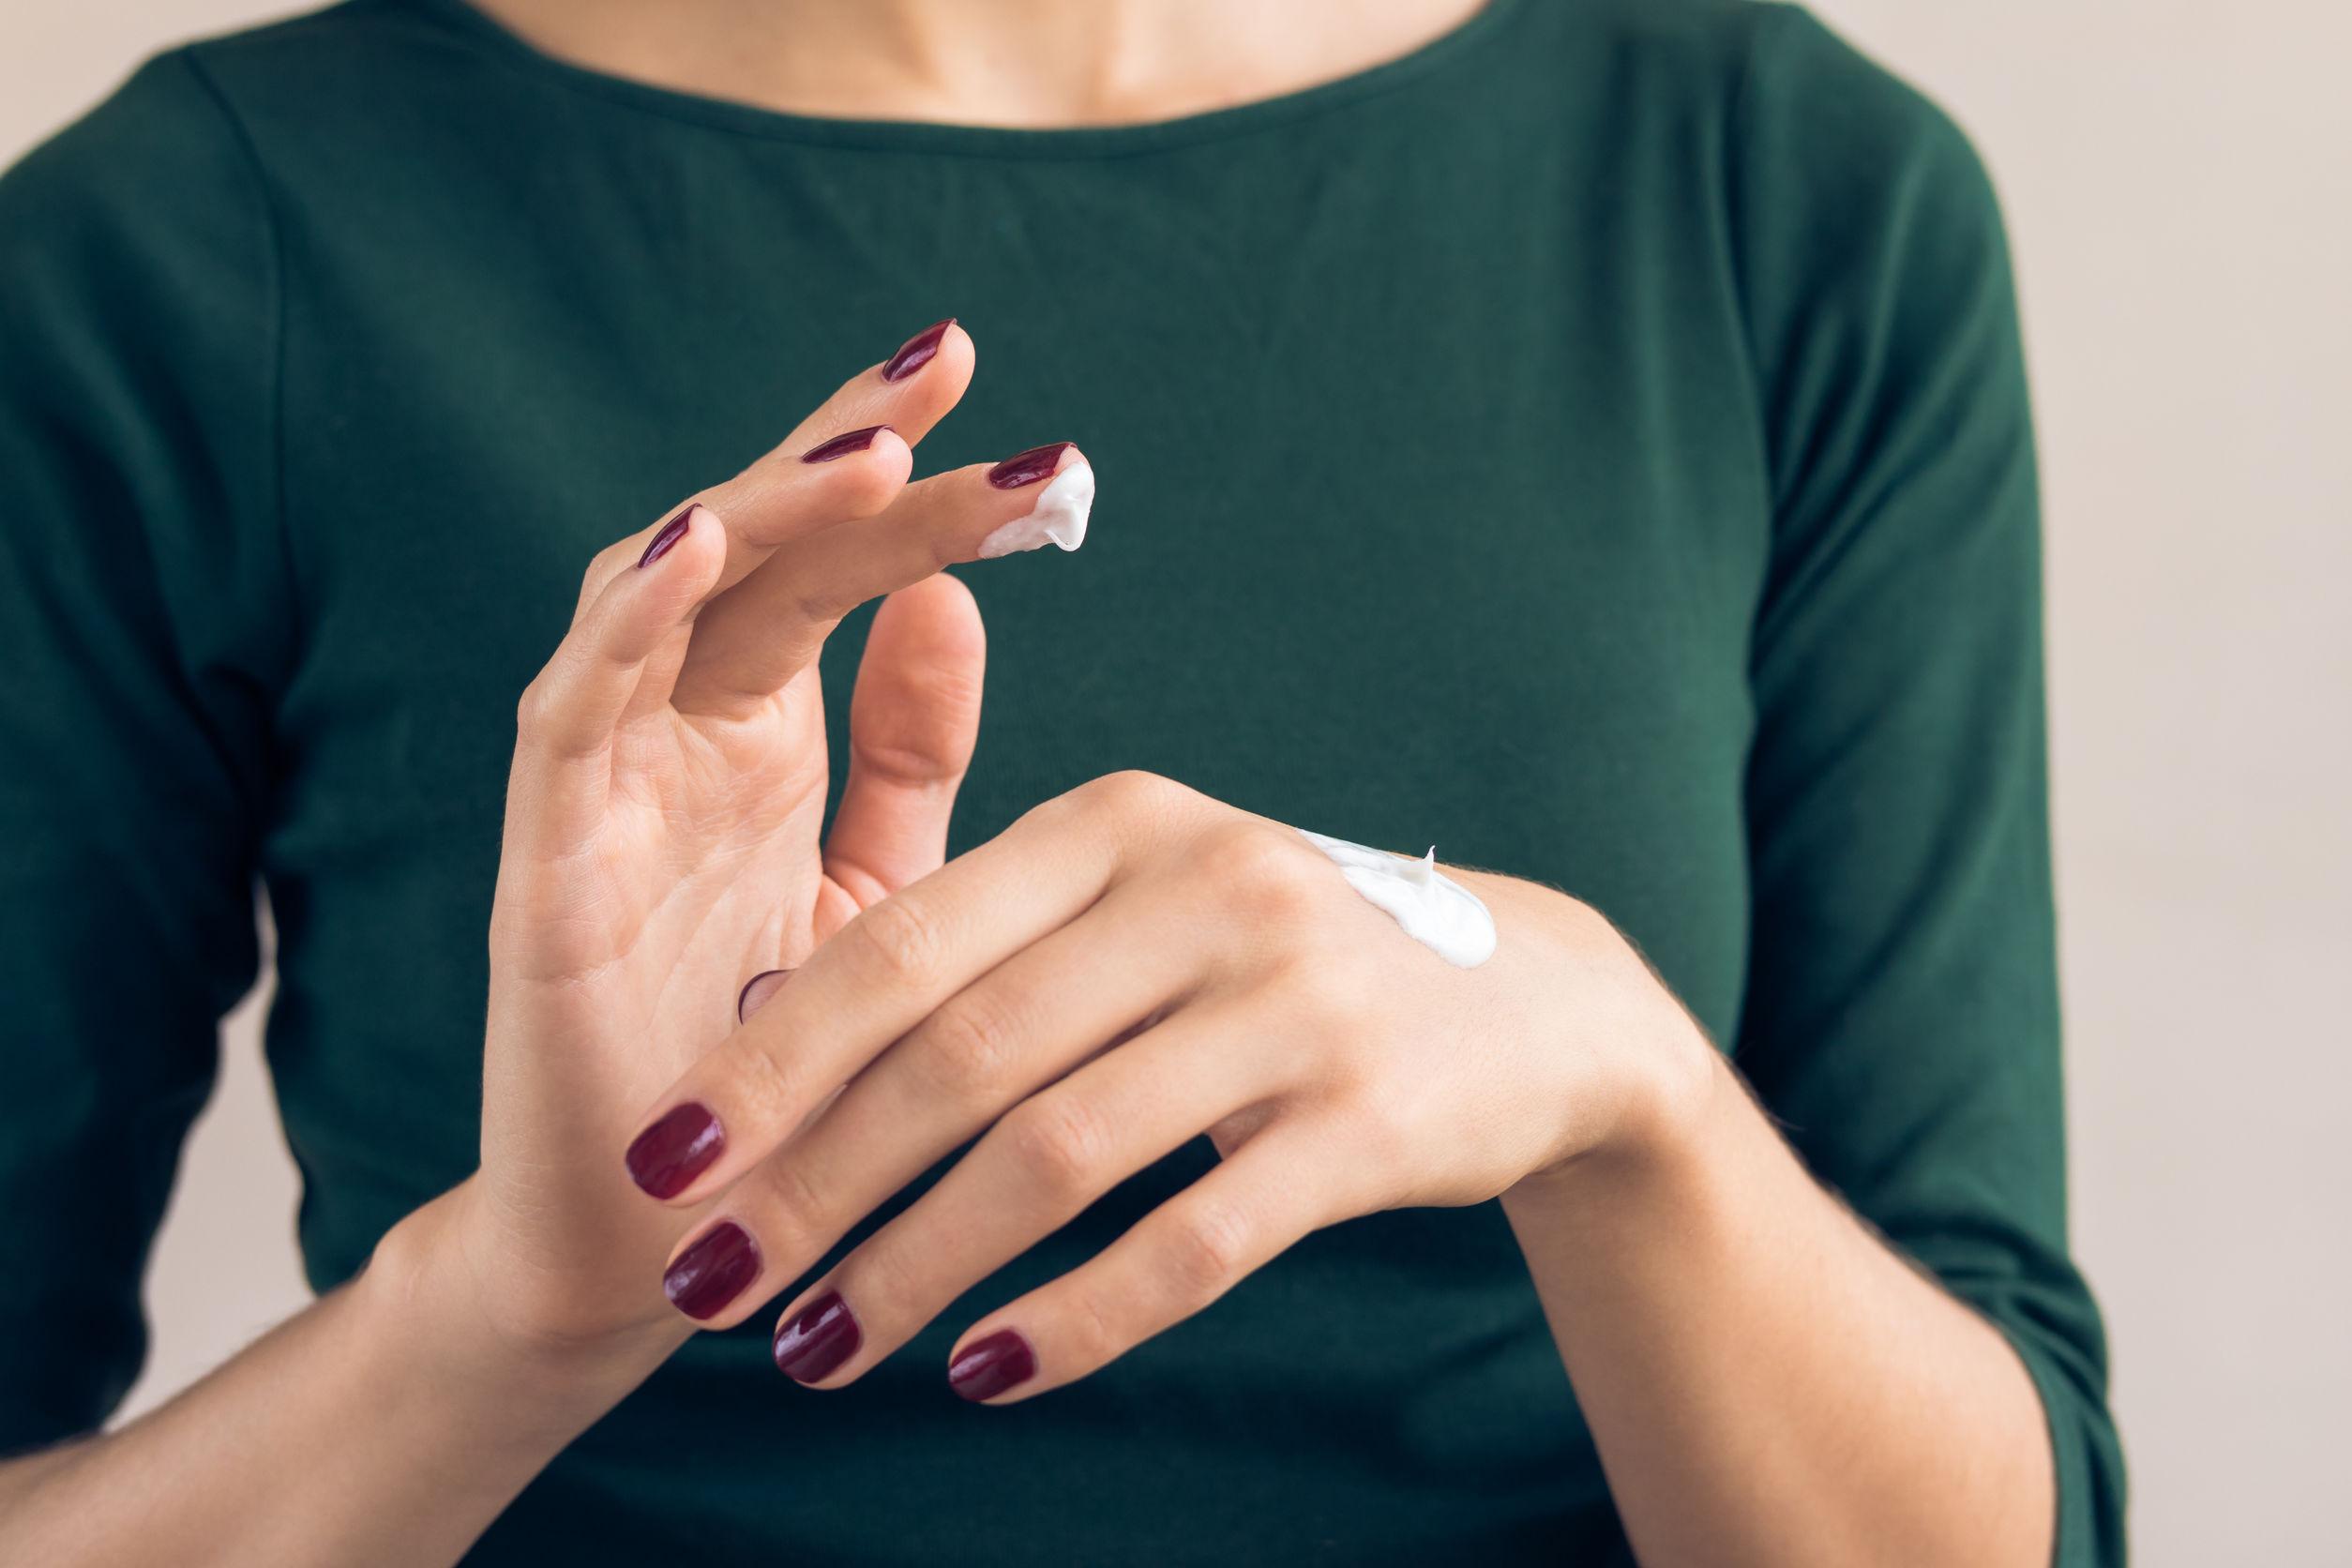 Miglior crema mani 2021: Guida all'acquisto